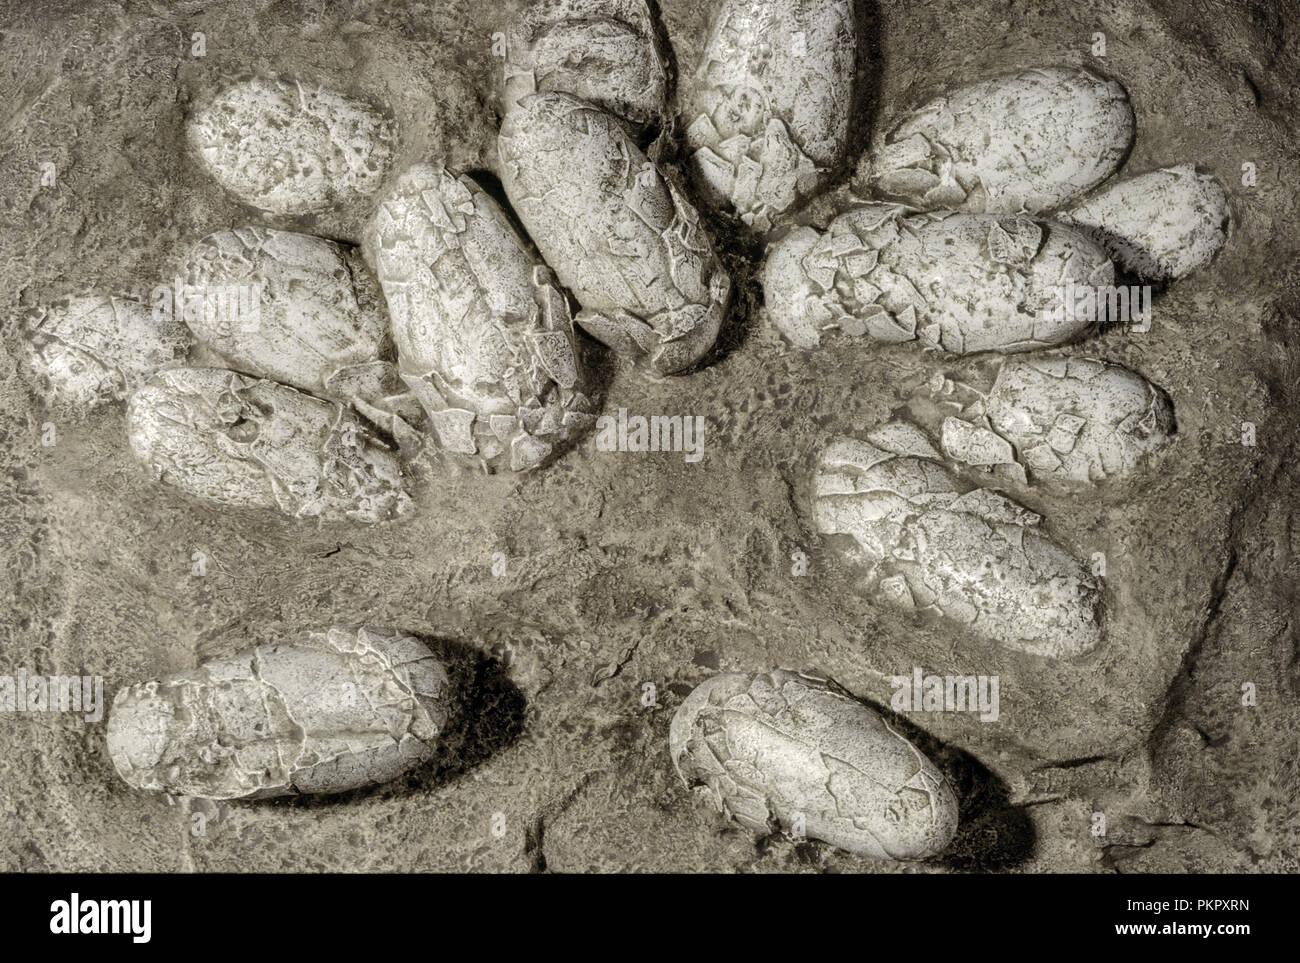 Fossilized Dinosaur Egg Nest (Protoceratops), Gobi Desert - Stock Image